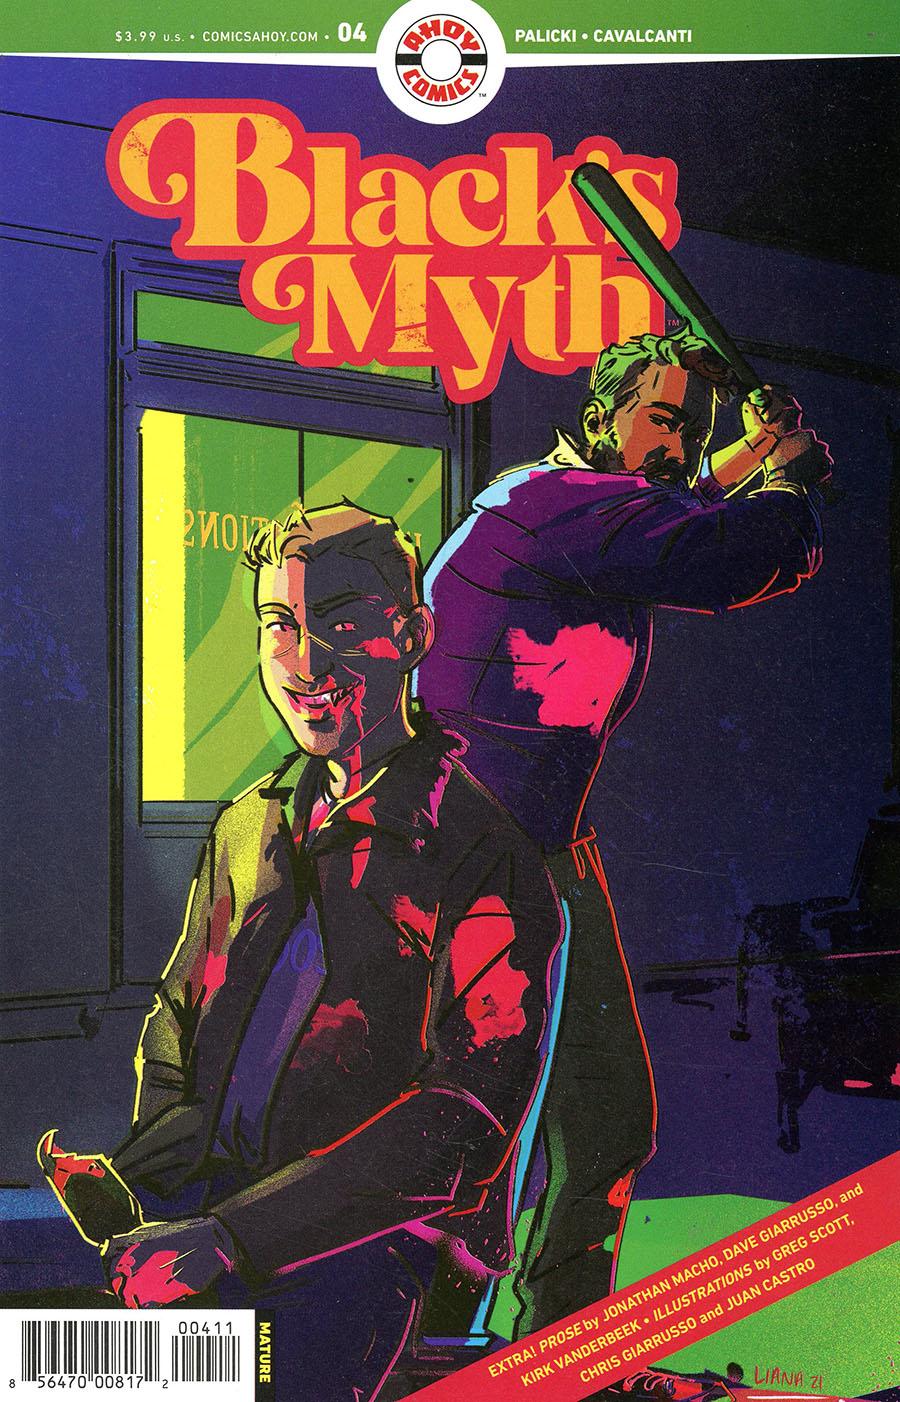 Blacks Myth #4